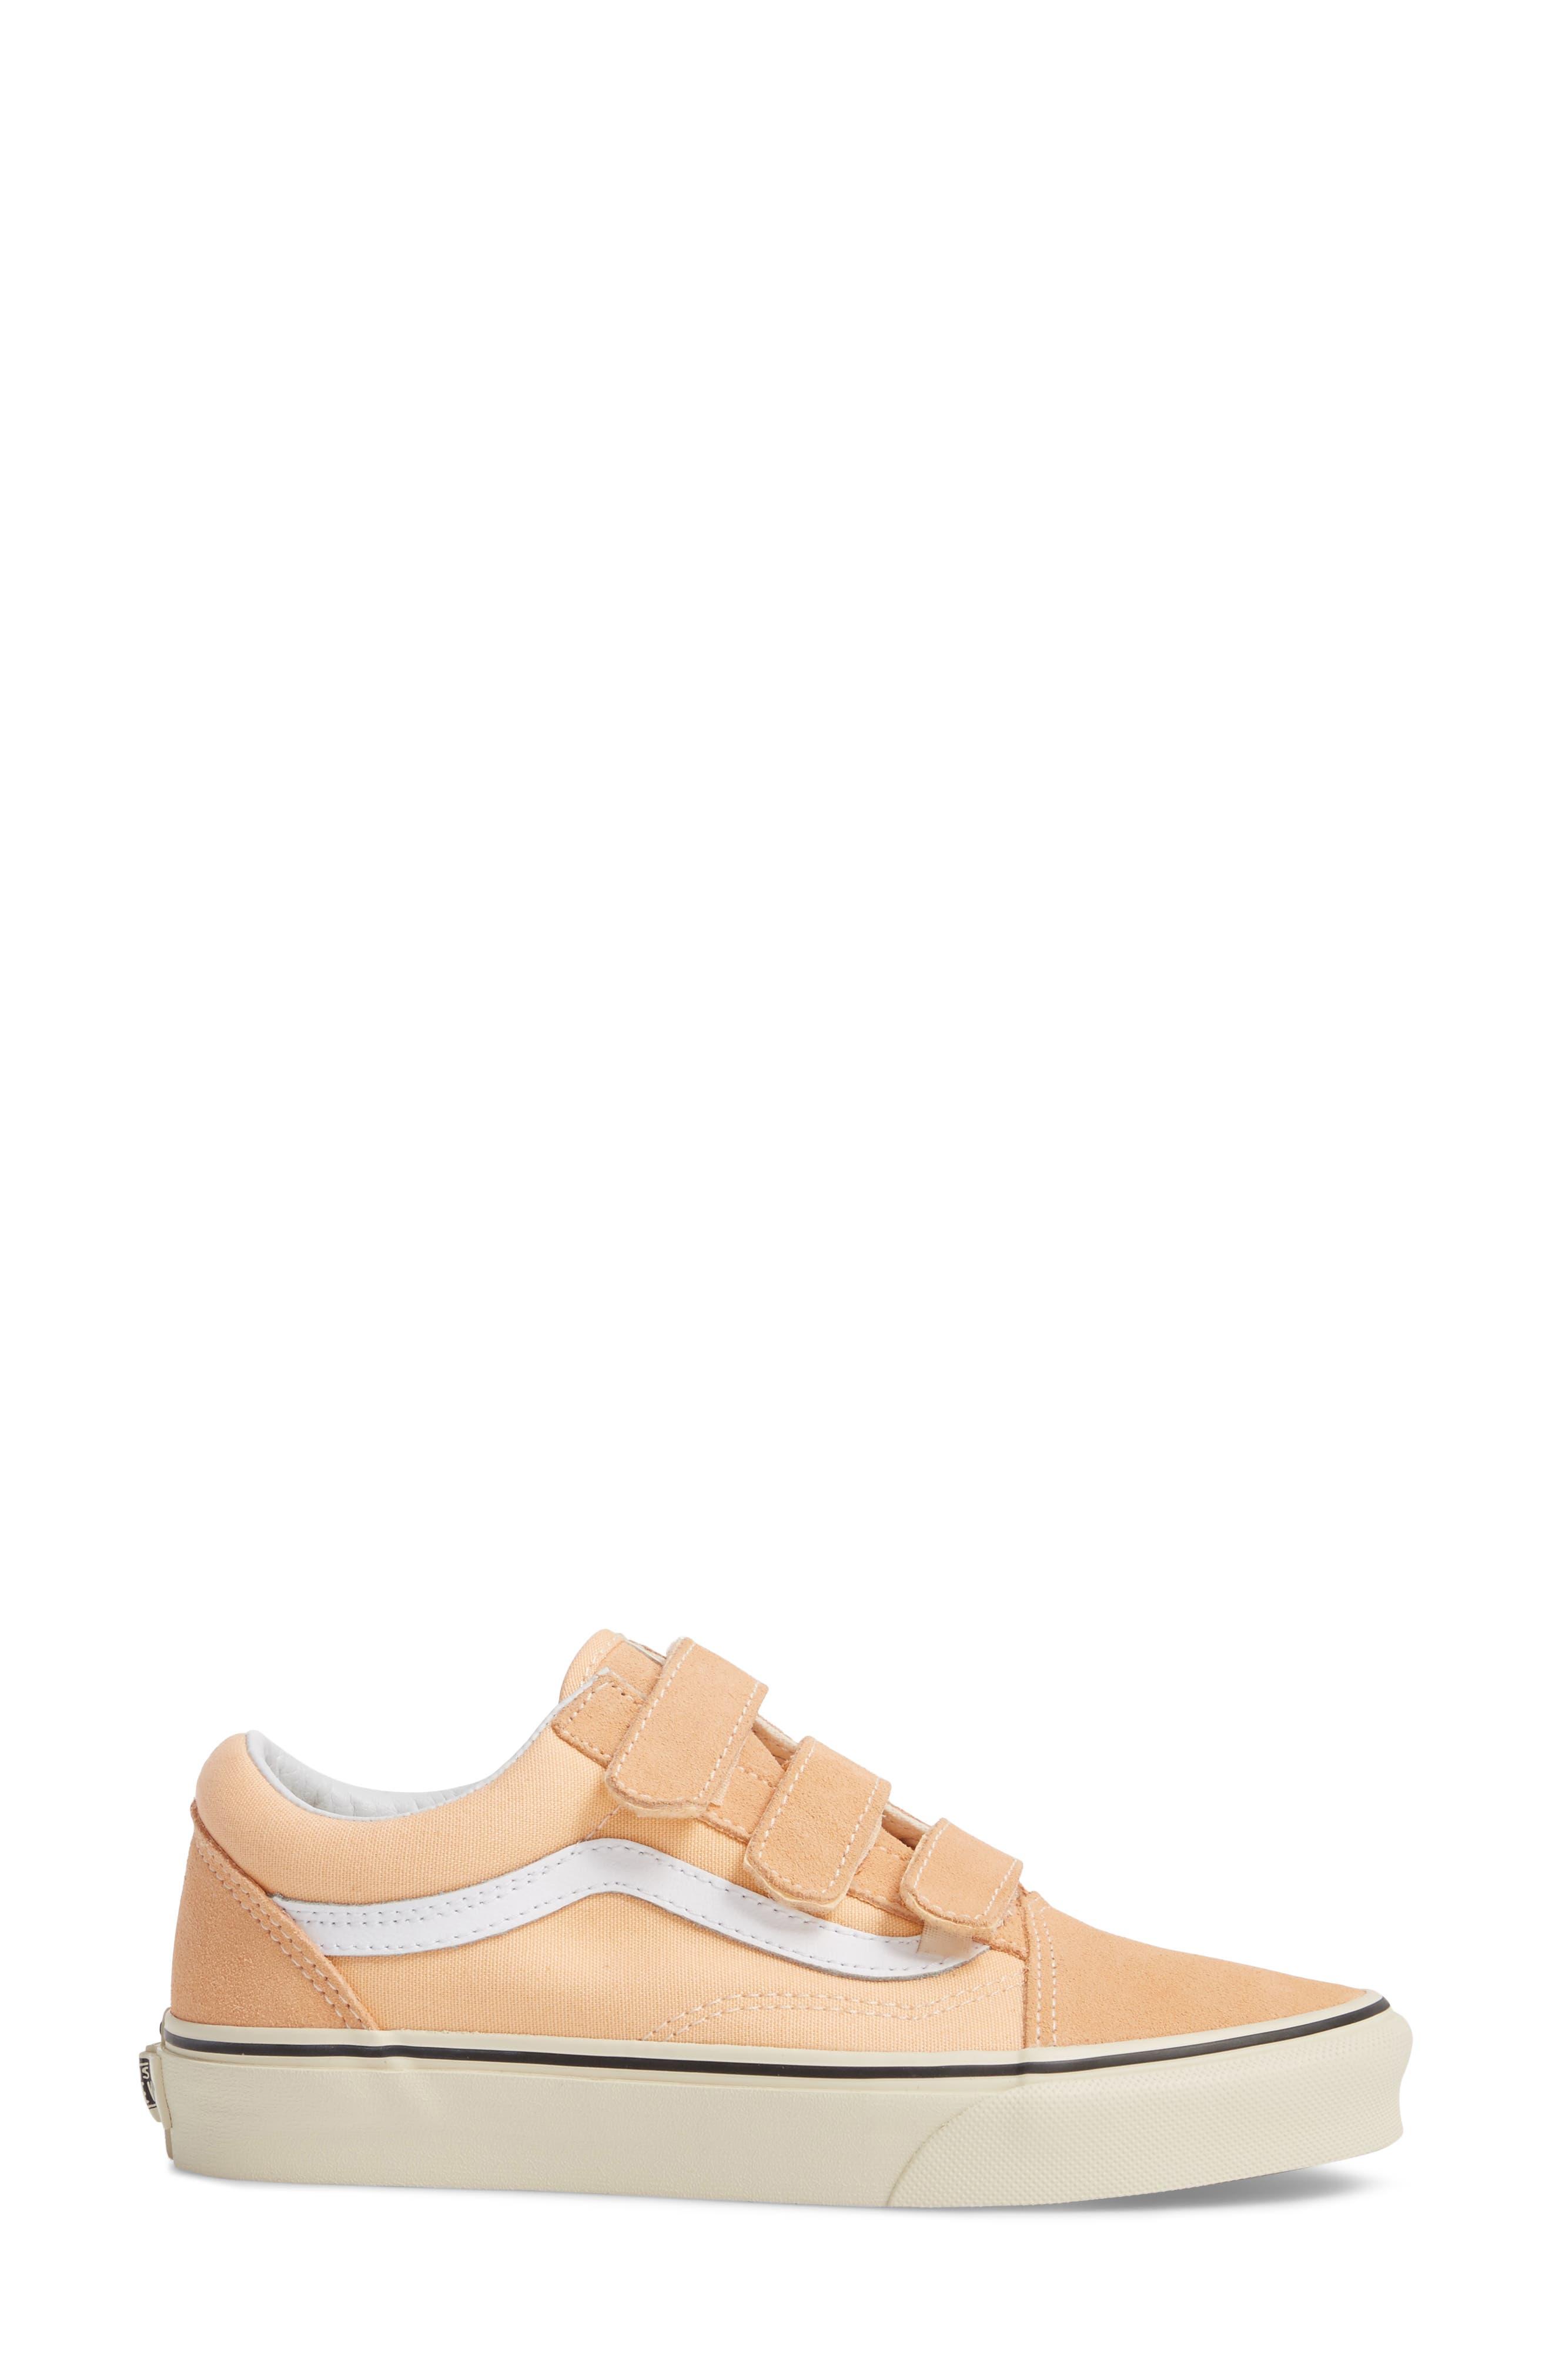 Alternate Image 3  - Vans Old Skool V Pro Sneaker (Women)